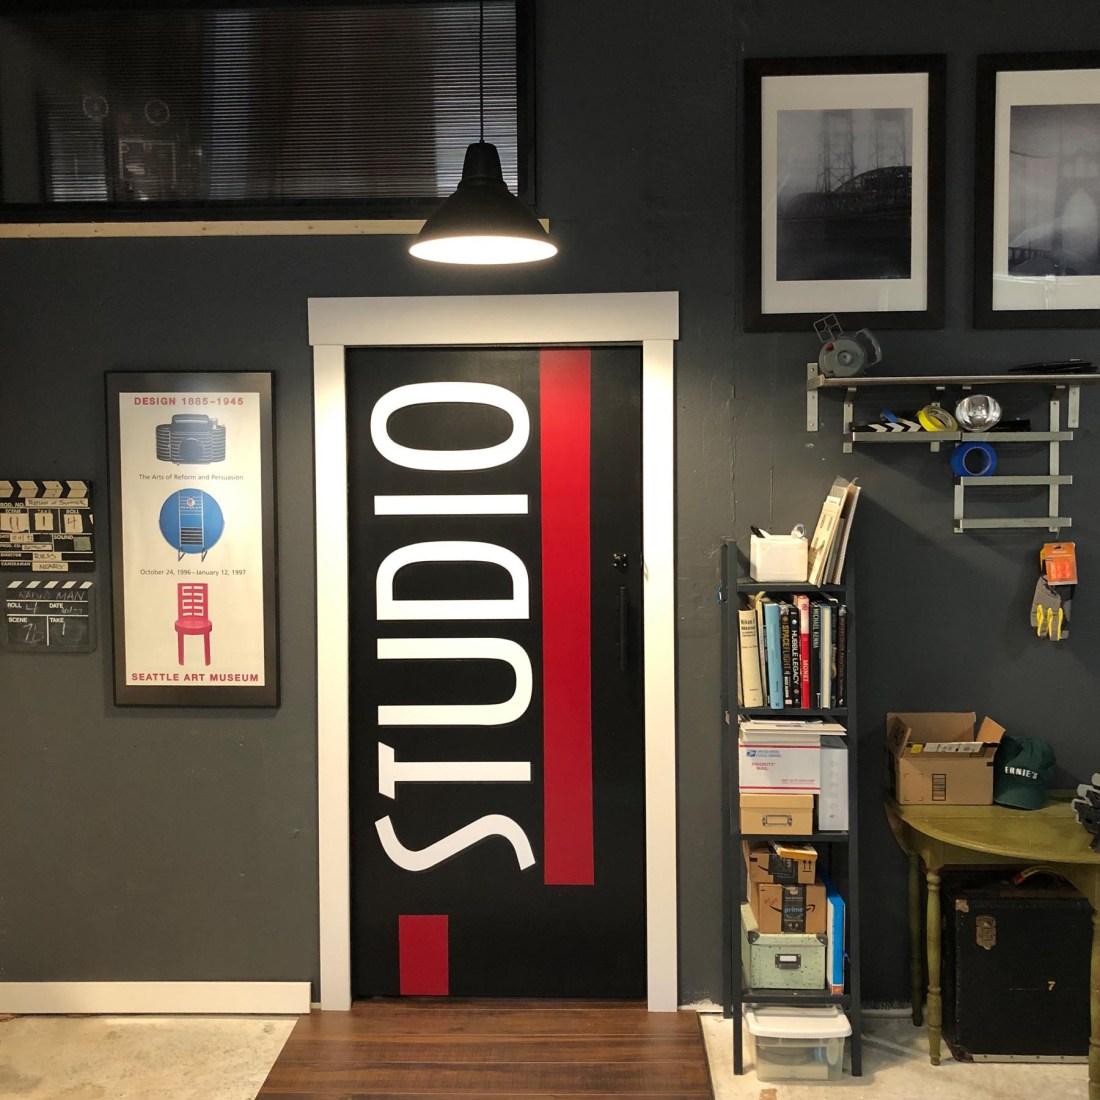 Patrick's STUDIO door